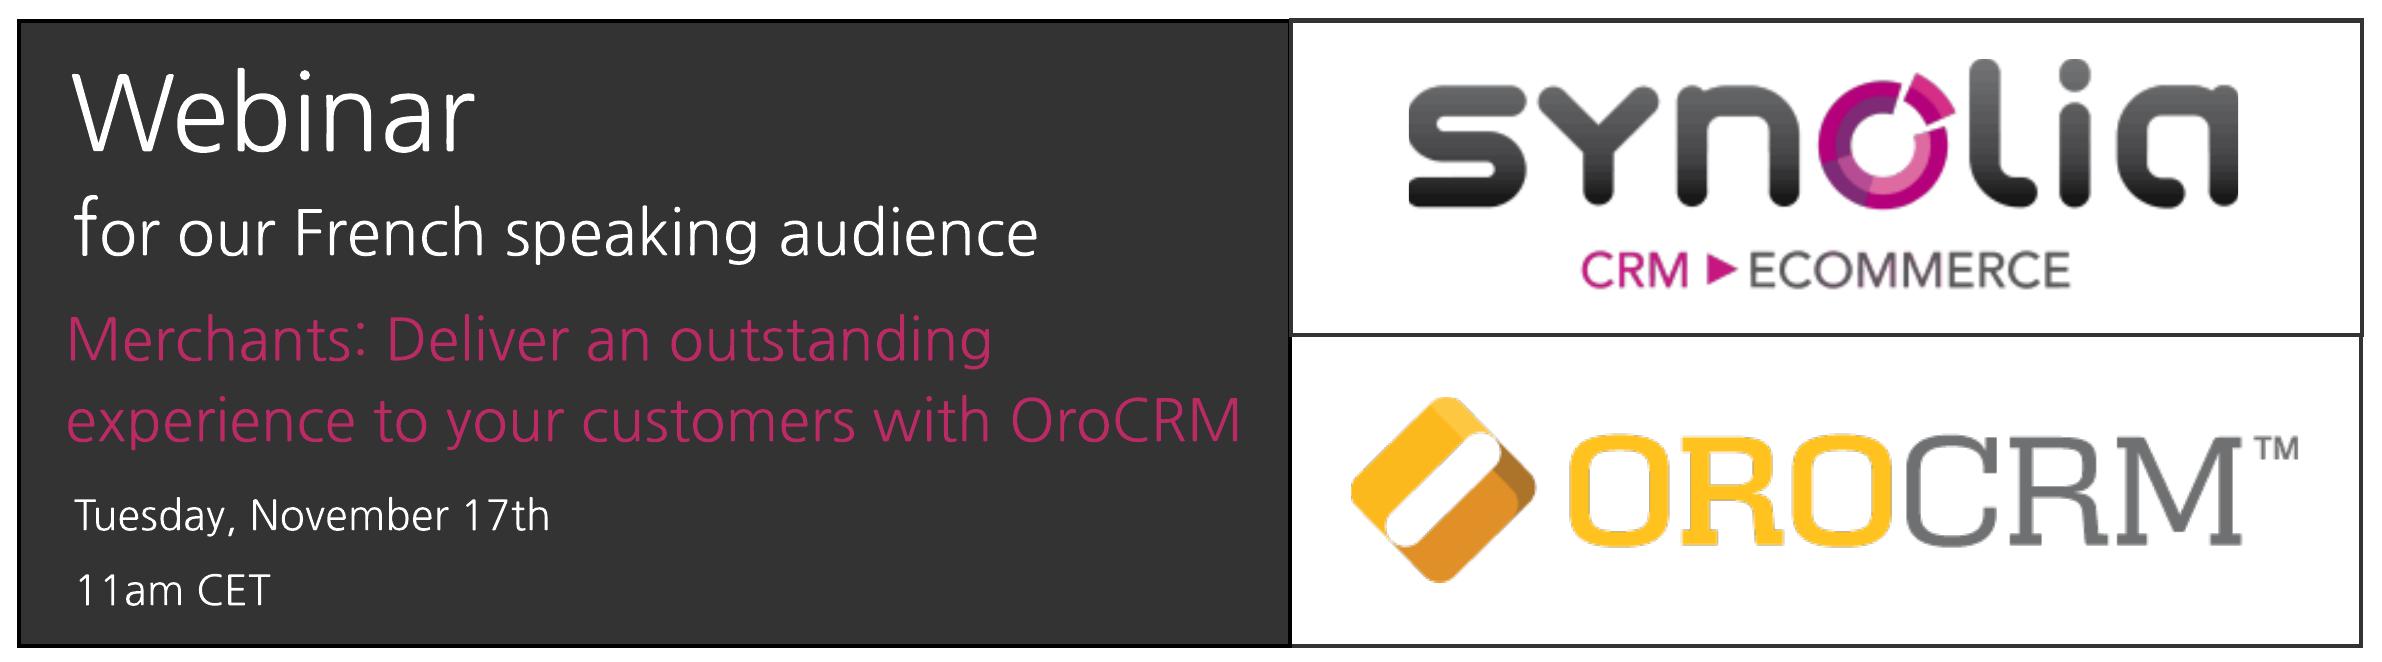 Synolia-OroCRM Webinar Banner (1)